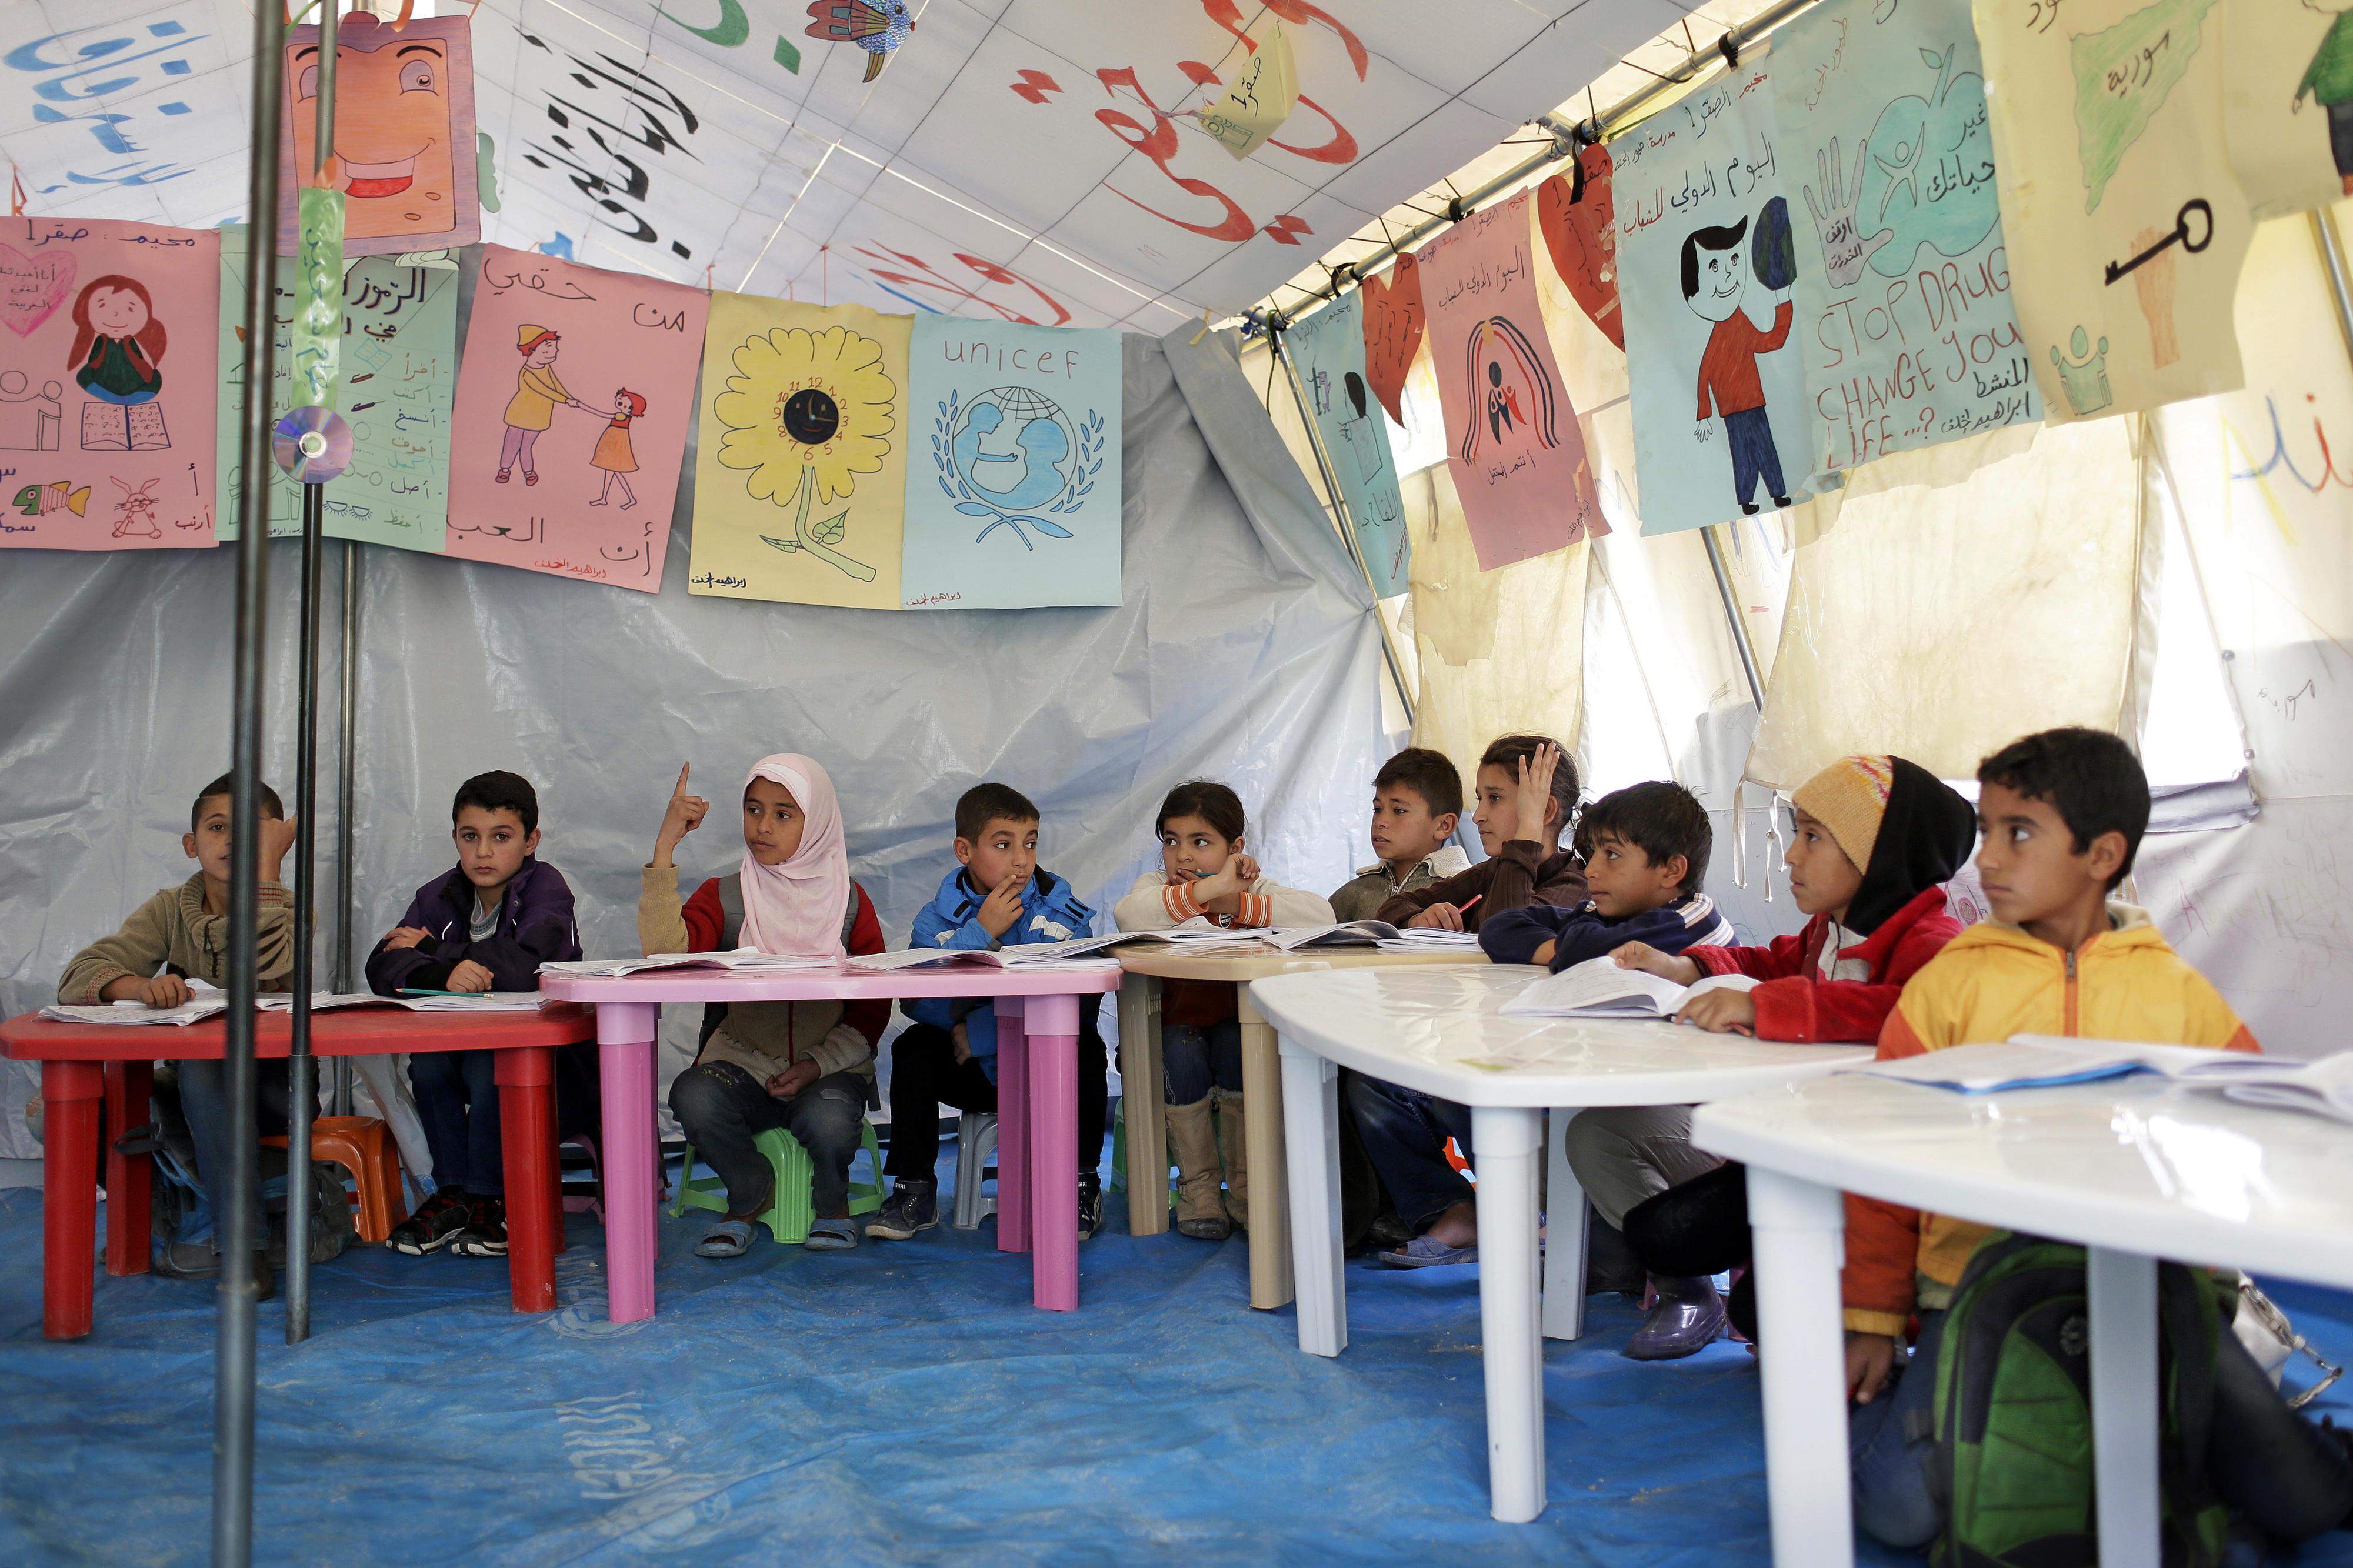 Provisorische Grundschule in einer informellen Zeltsiedlung für syrische Flüchtlinge in Zahlé, Libanon